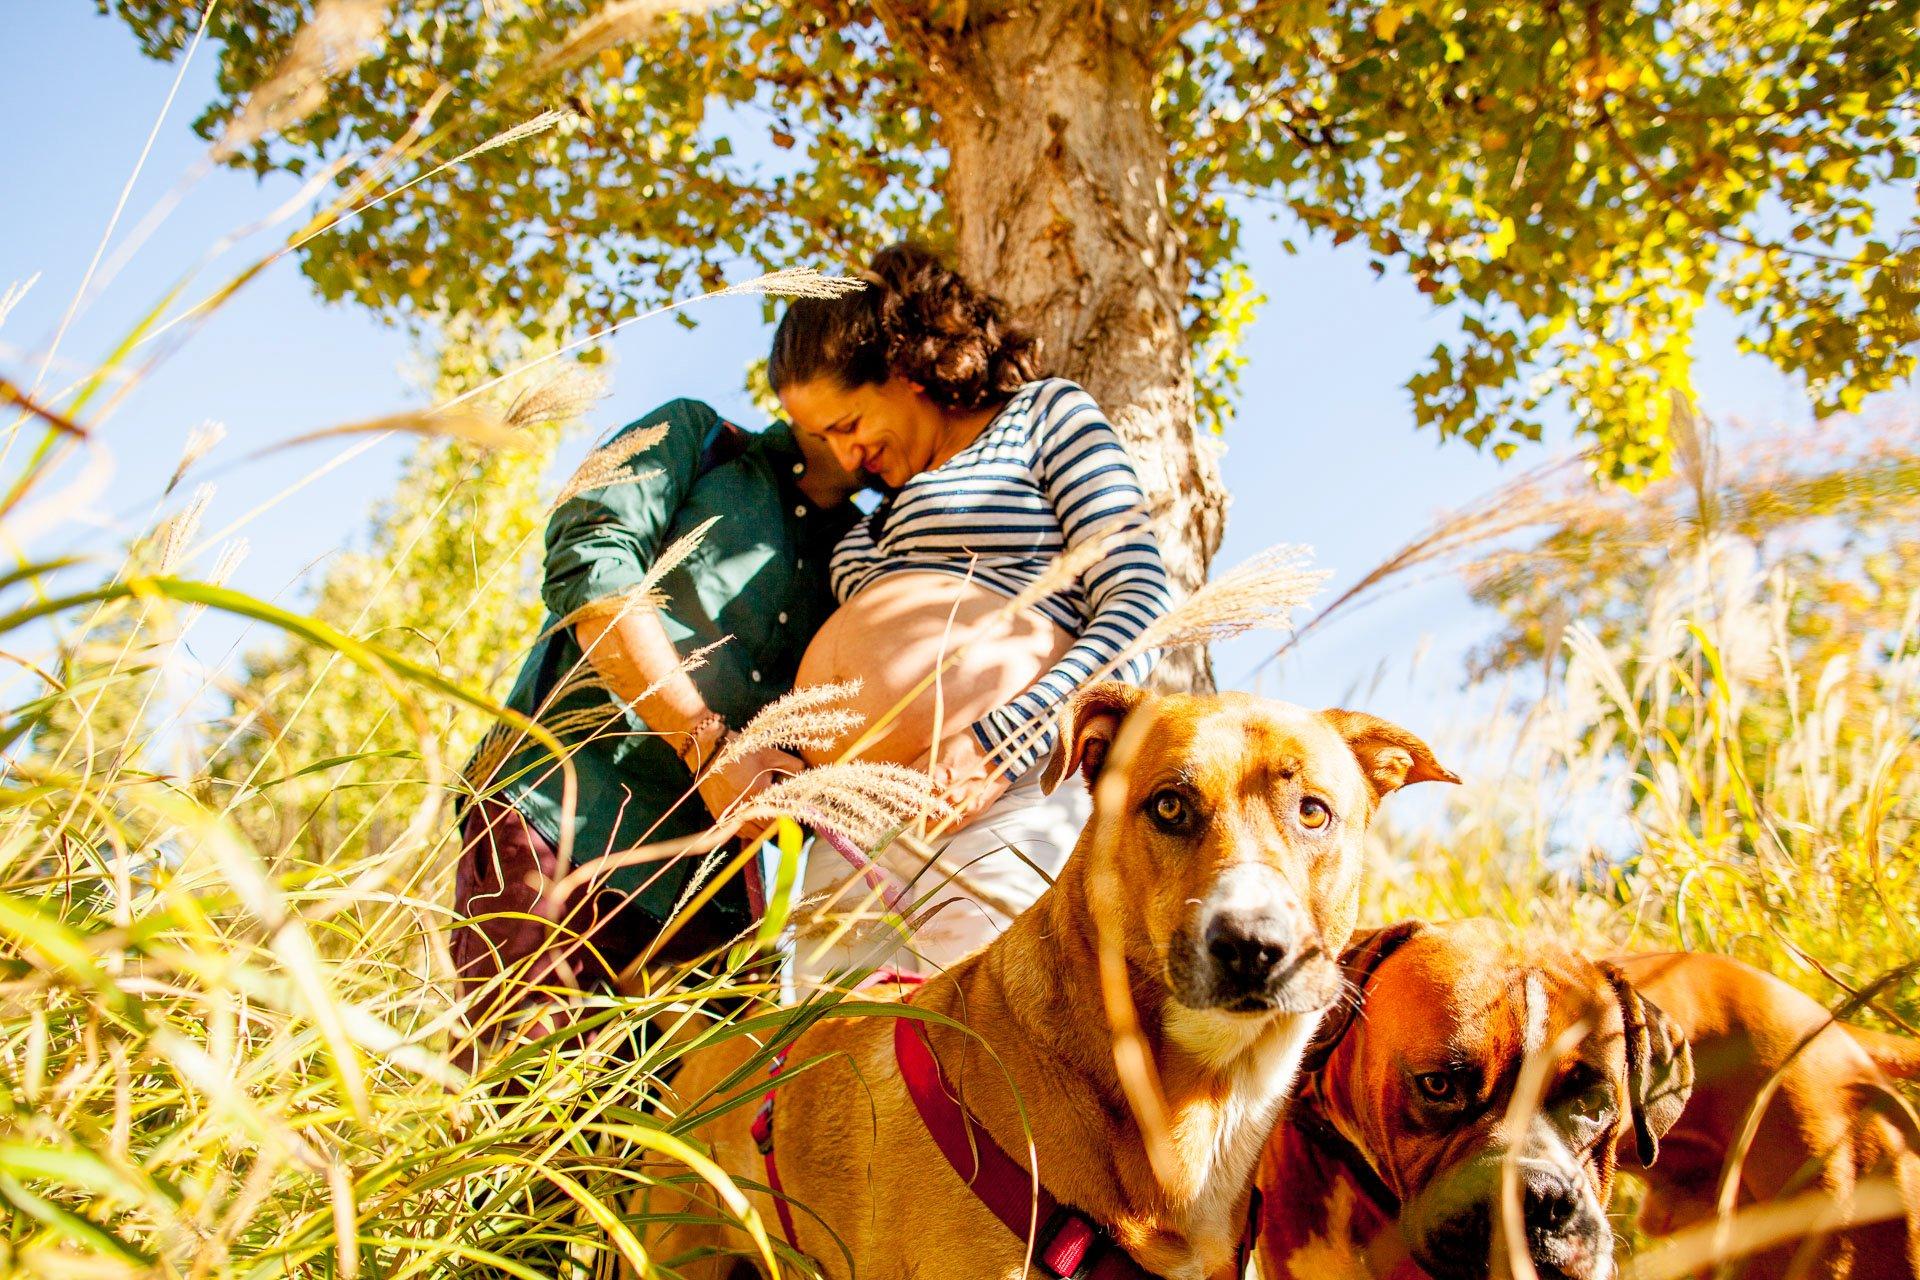 Fotos de embarazada en Valencia con perro. lilaluchs Photography, fotógrafa de emociones